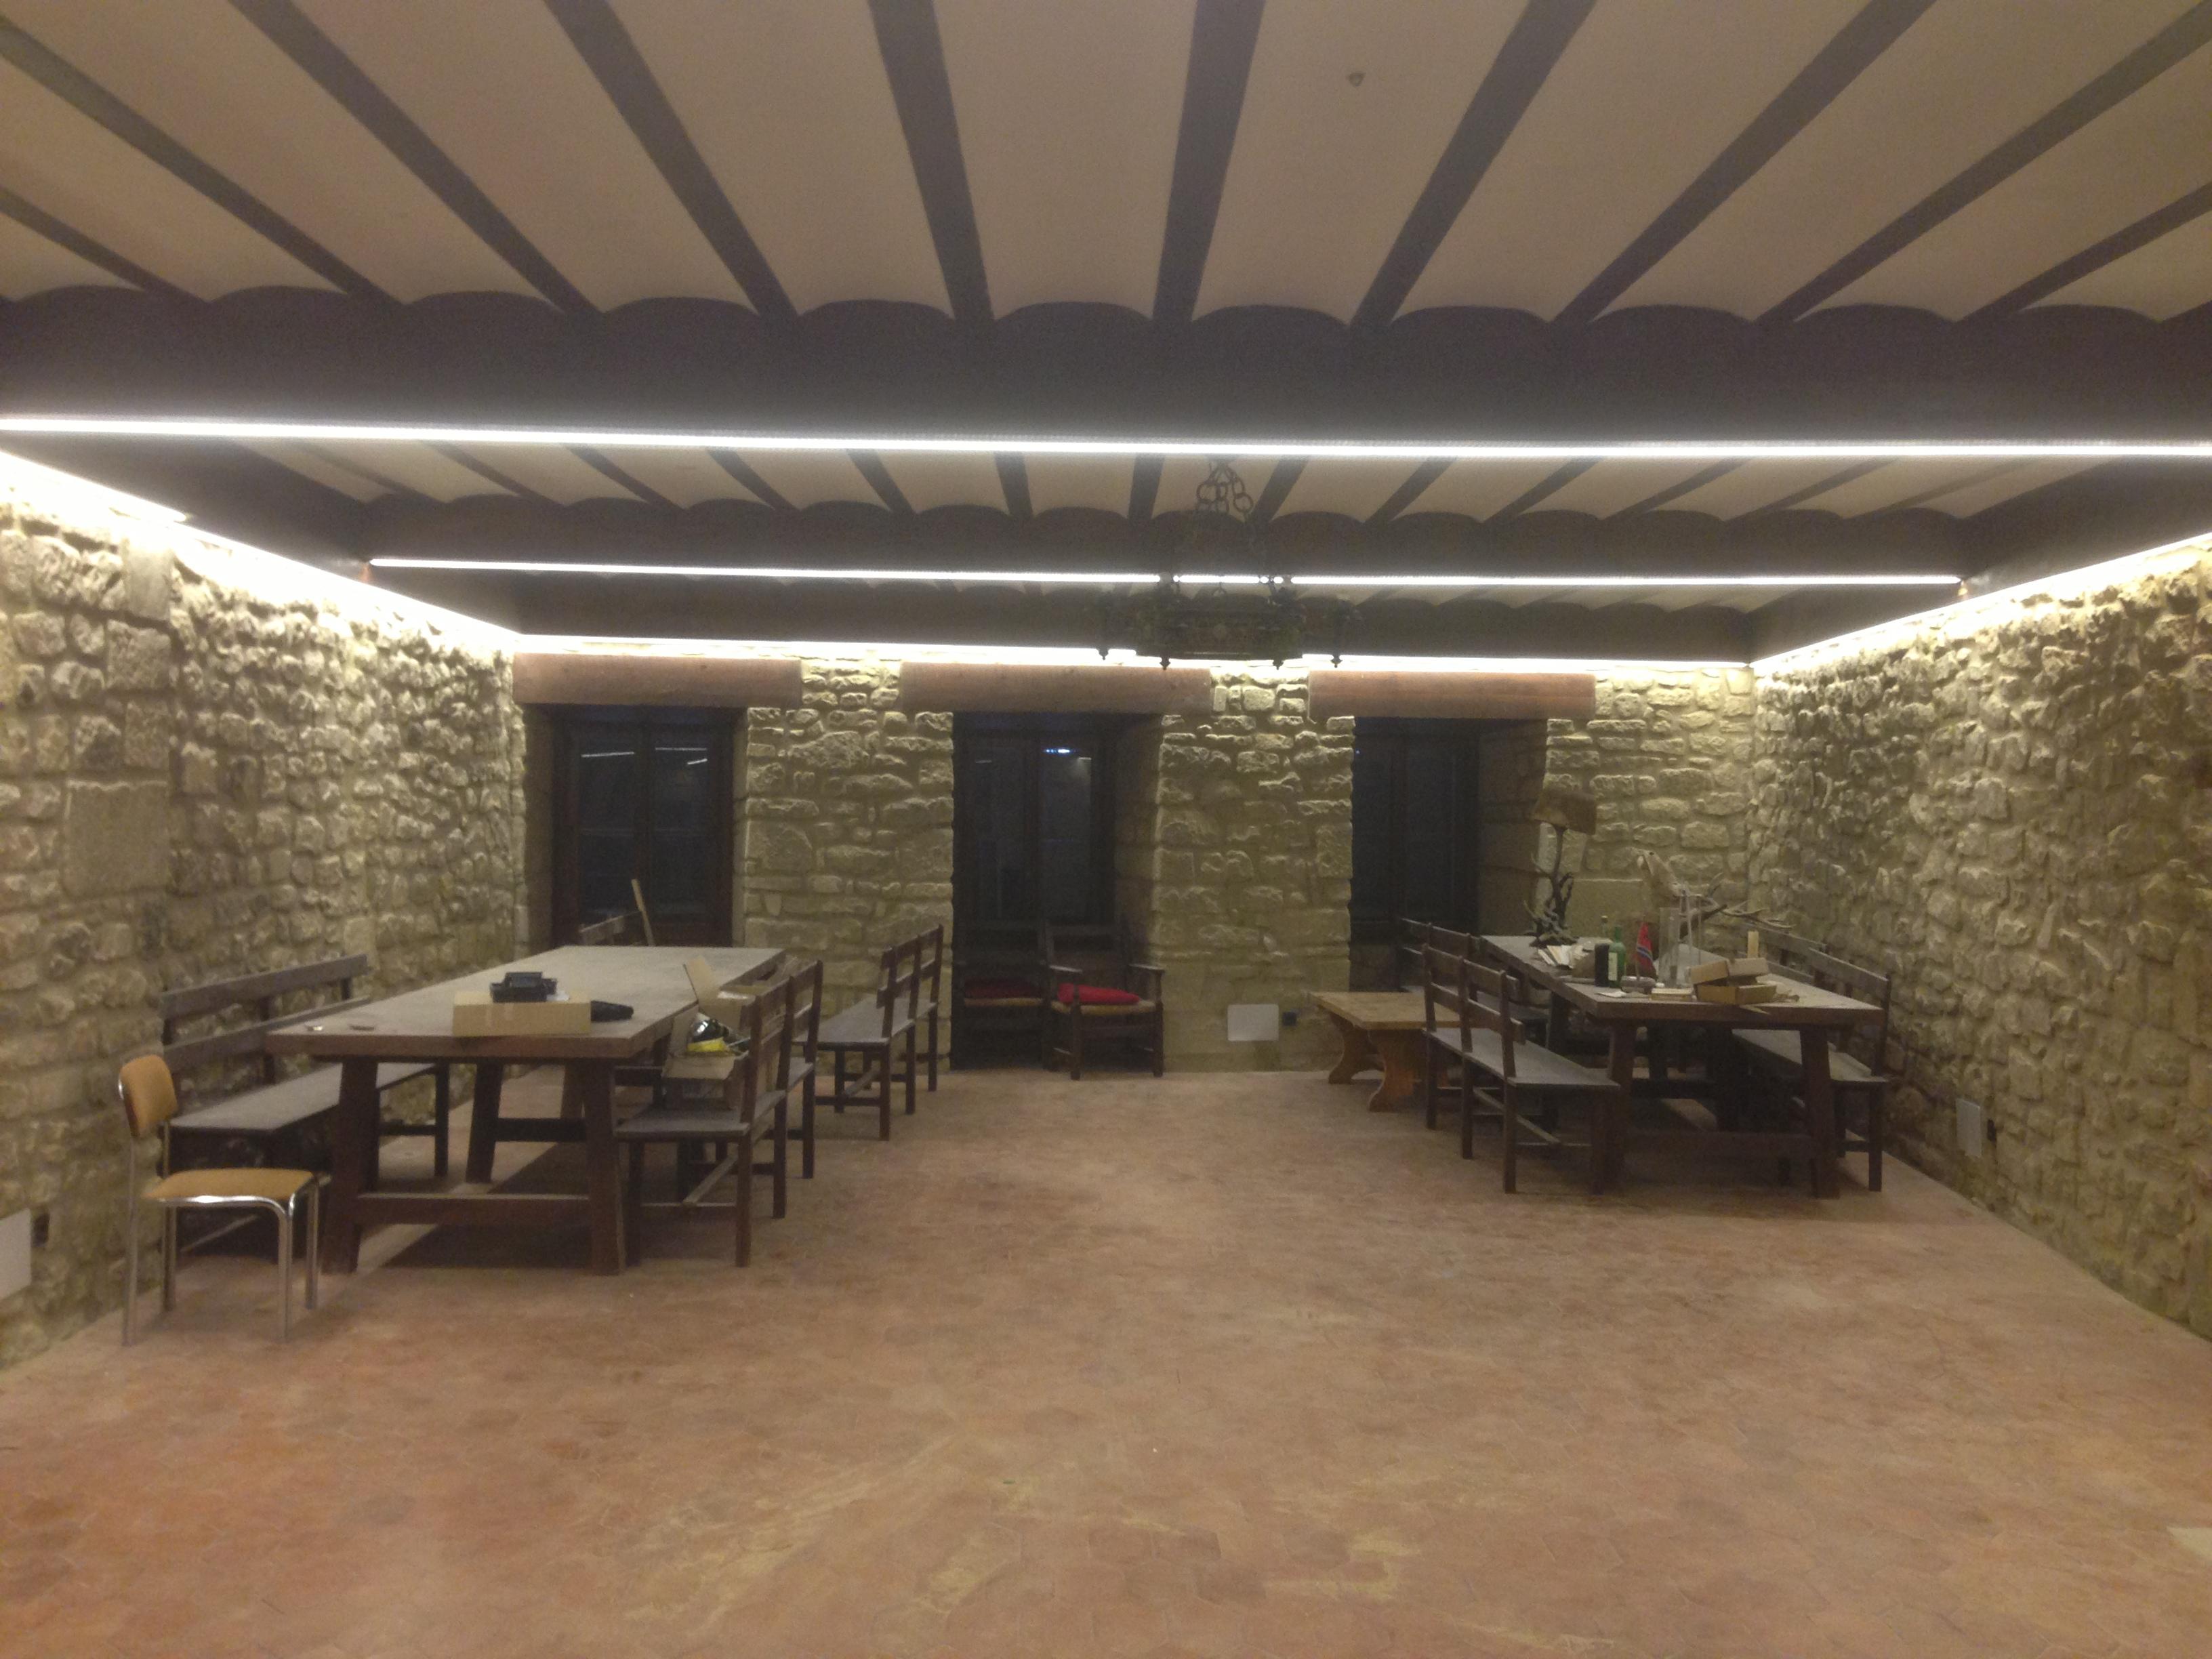 C mo se puede hacer una reforma de la iluminaci n sin - Cambiar instalacion electrica sin rozas ...